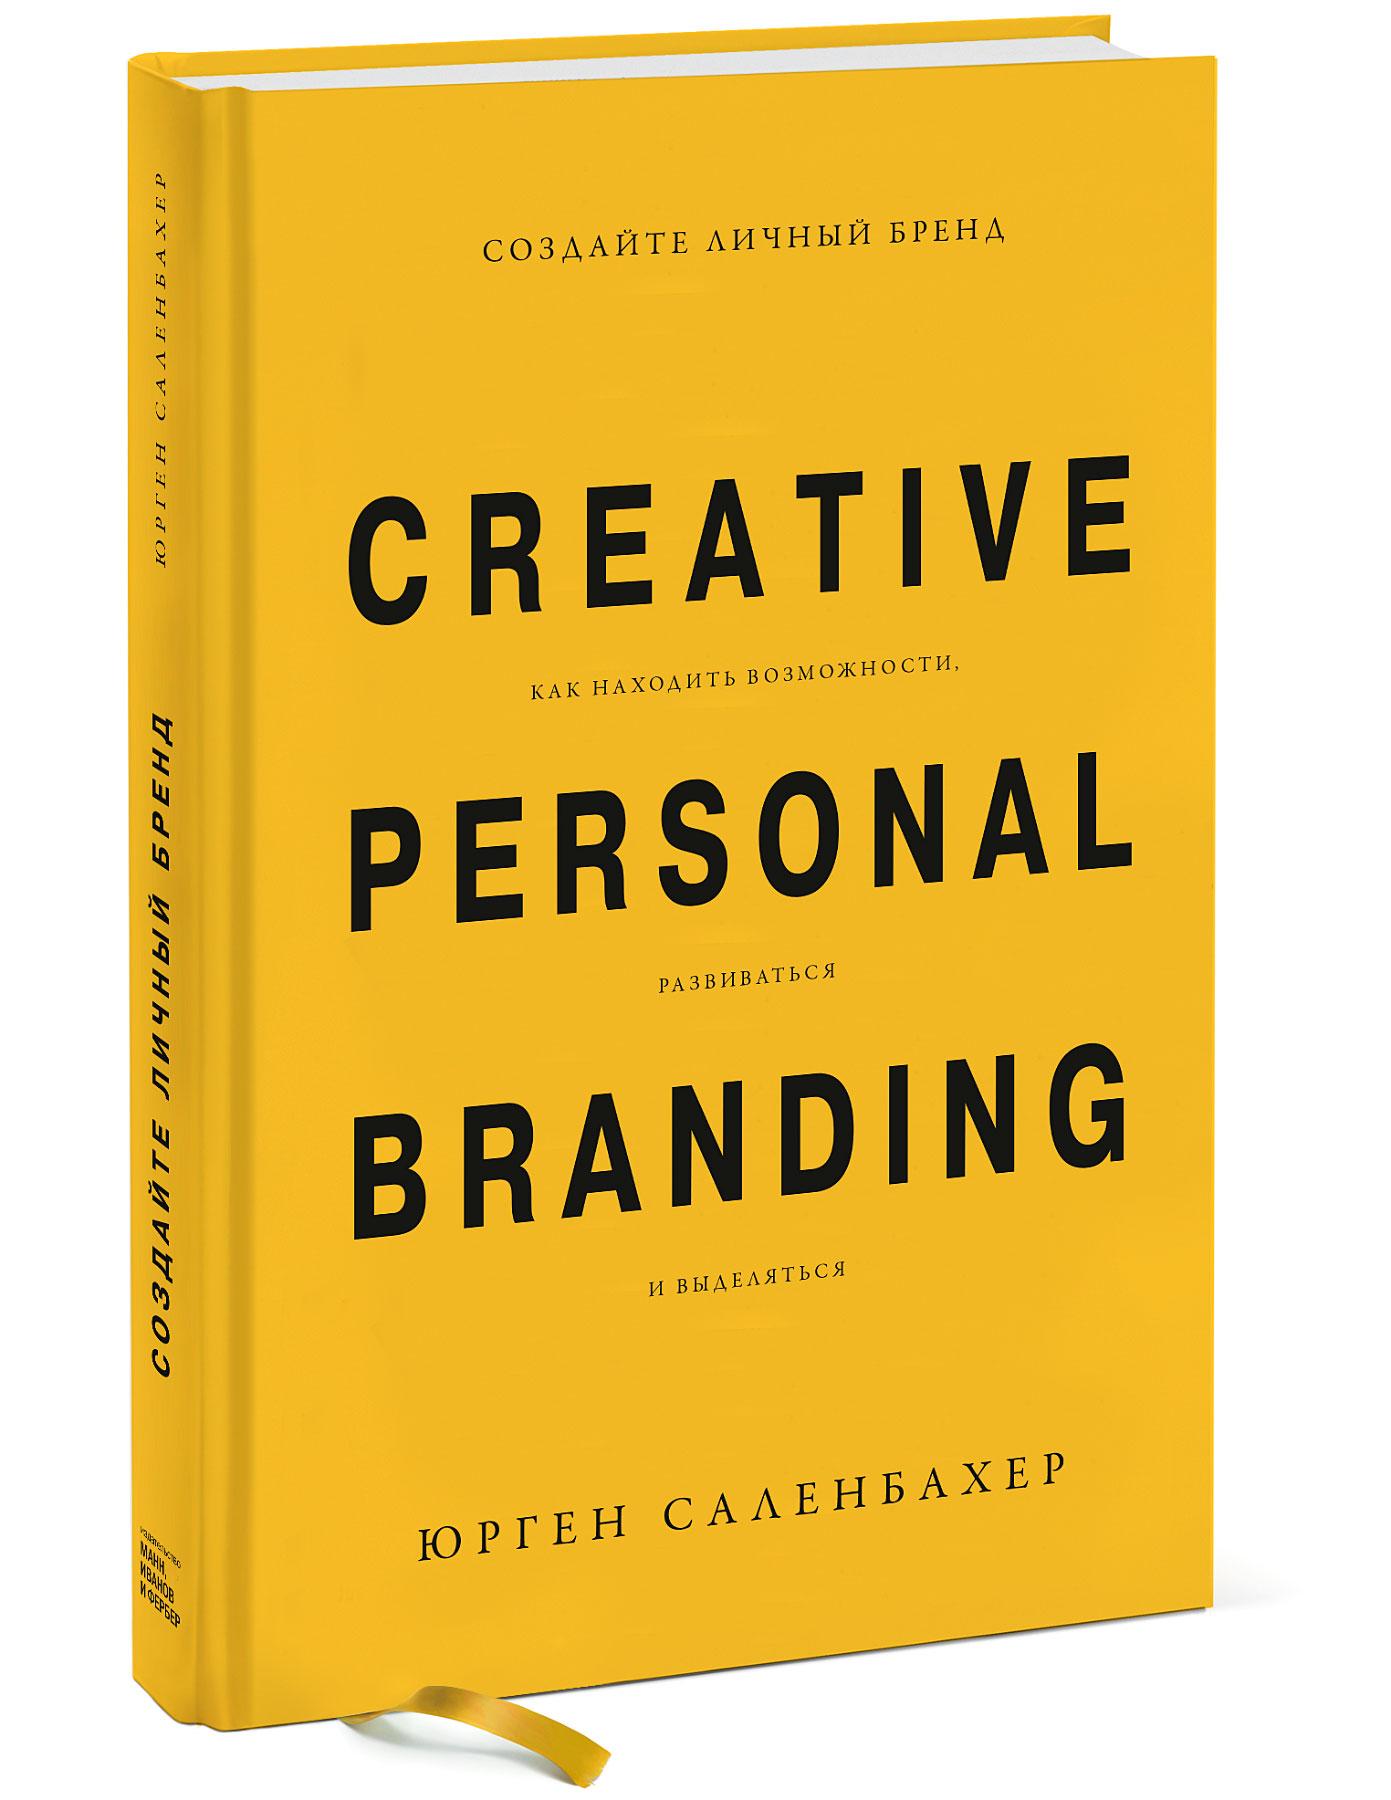 Юрген Саленбахер Создайте личный бренд. Как находить возможности, развиваться и выделяться юрген саленбахер создайте личный бренд как находить возможности развиваться и выделяться